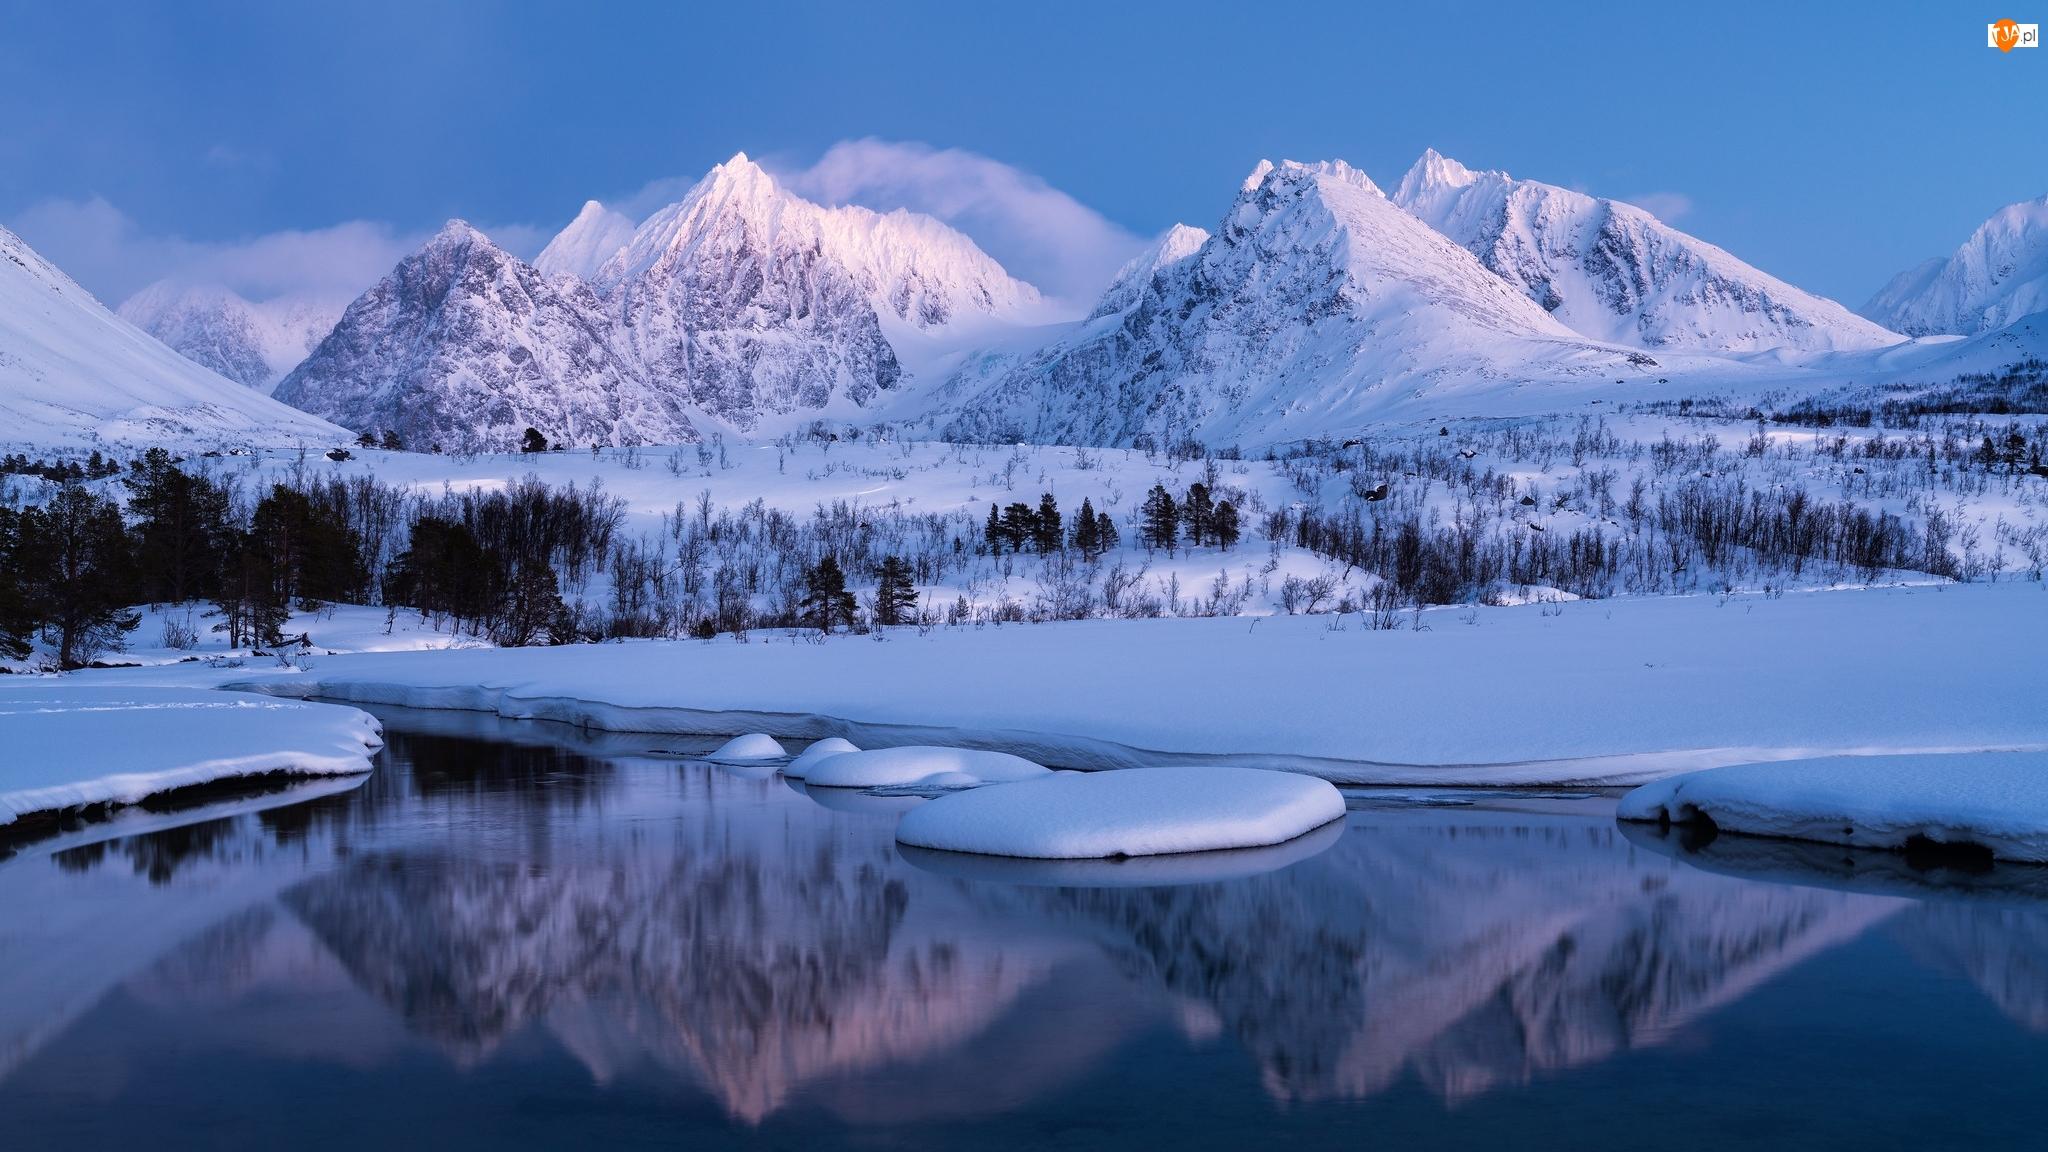 Góry Śnieżne, Rzeka Stortindelva, Odbicie, Norwegia, Drzewa, Szczyty, Ośnieżone